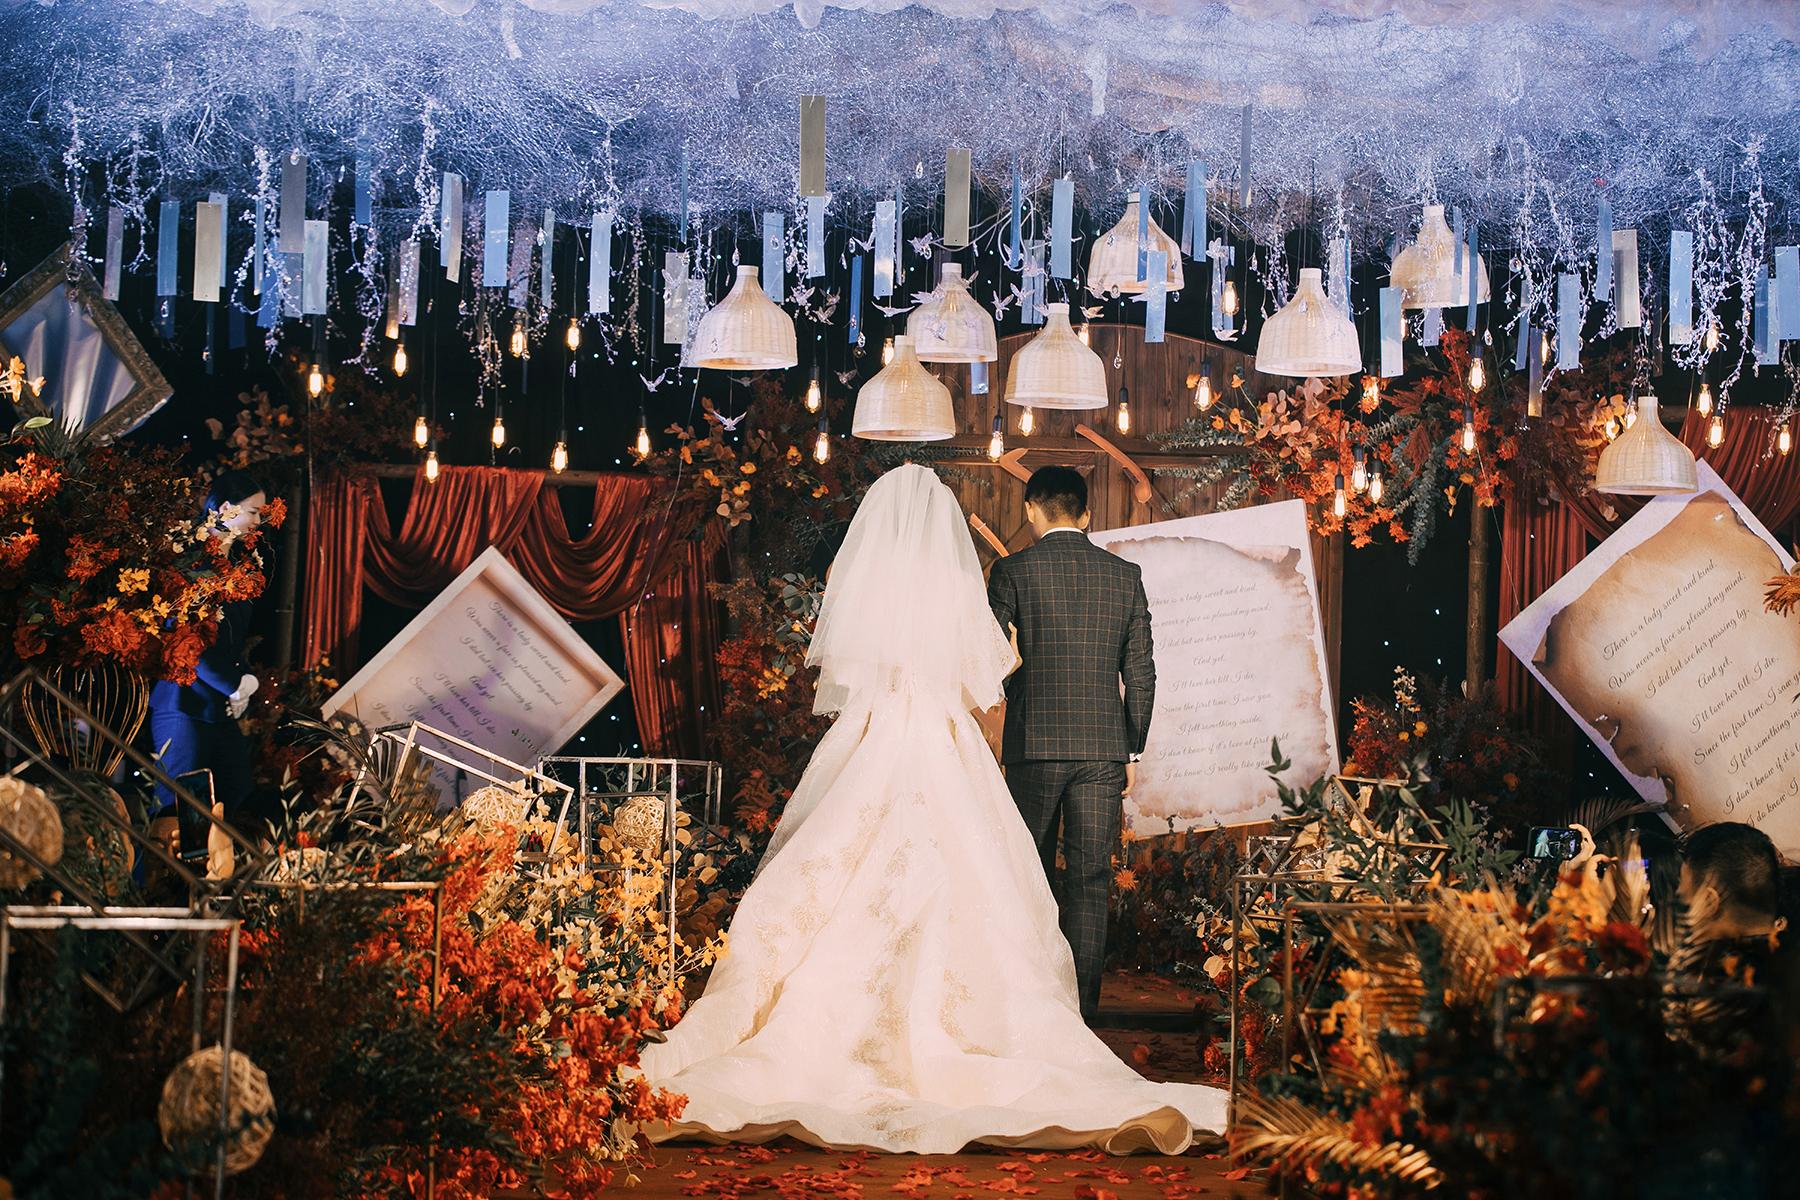 【哈尼婚礼】主题婚礼定制-遇见婚礼一站式服务